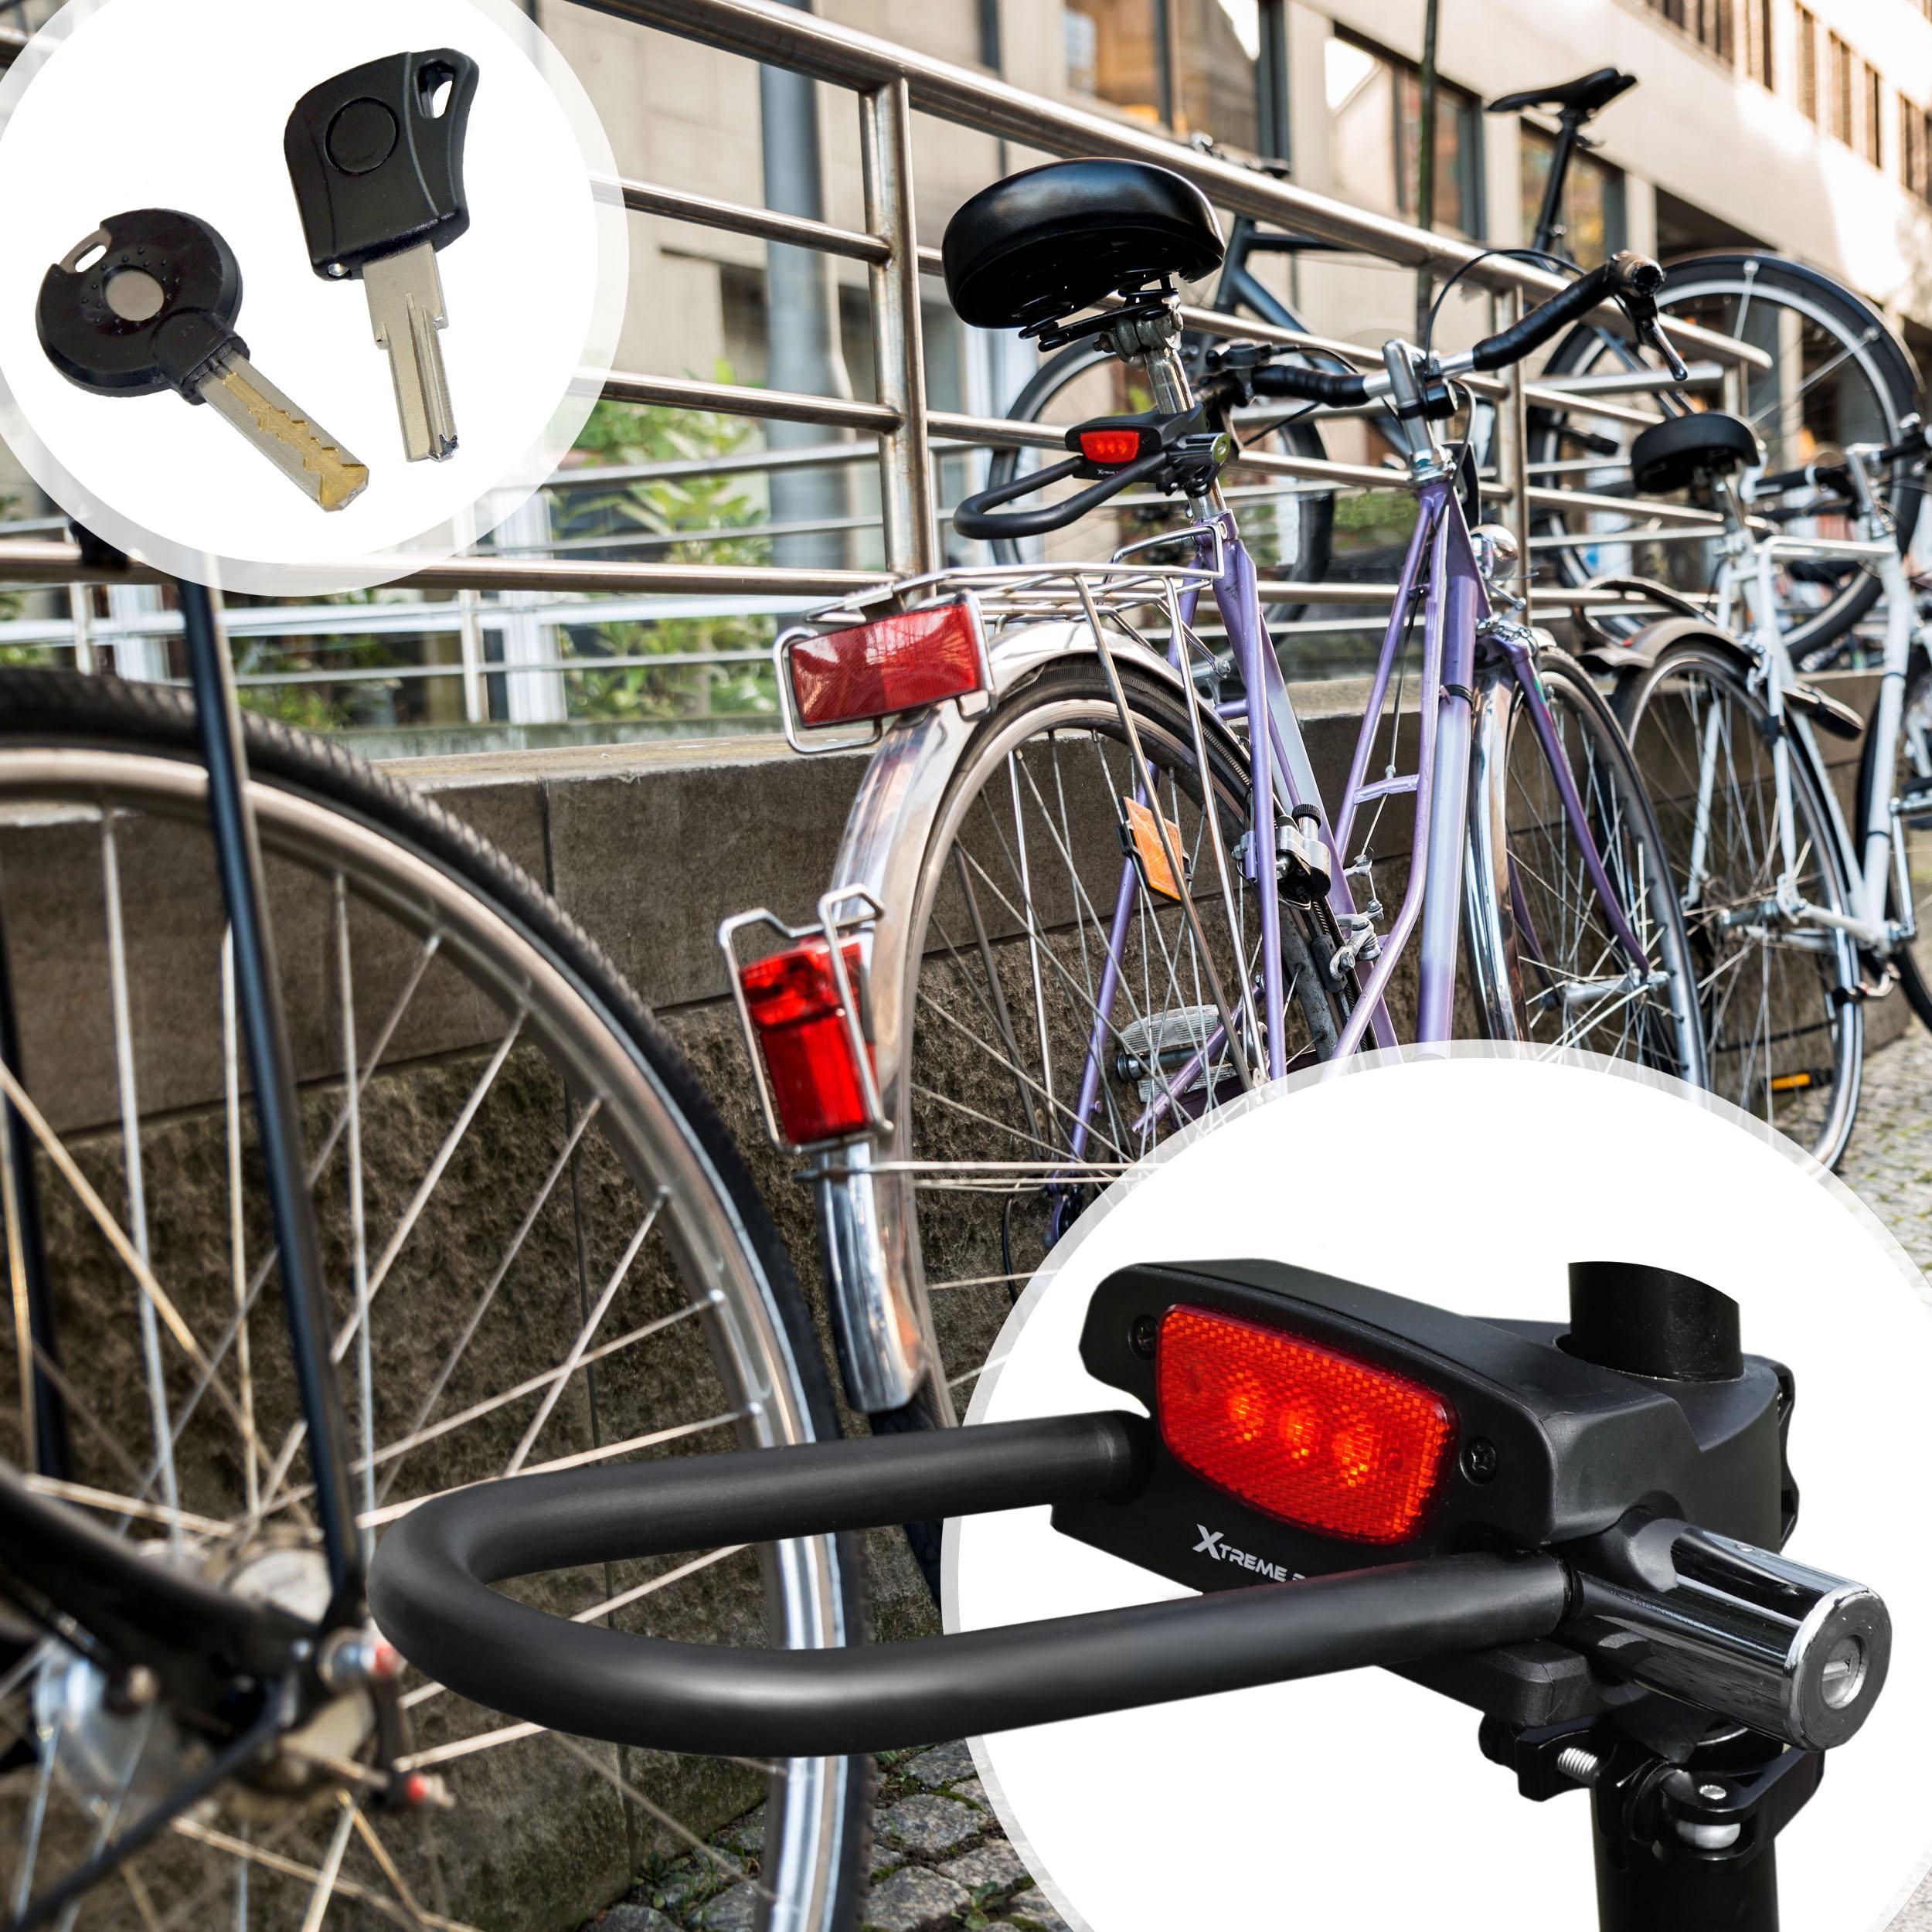 bike lock u lock u lock ulock bike light led bicycle taillight headlamp. Black Bedroom Furniture Sets. Home Design Ideas